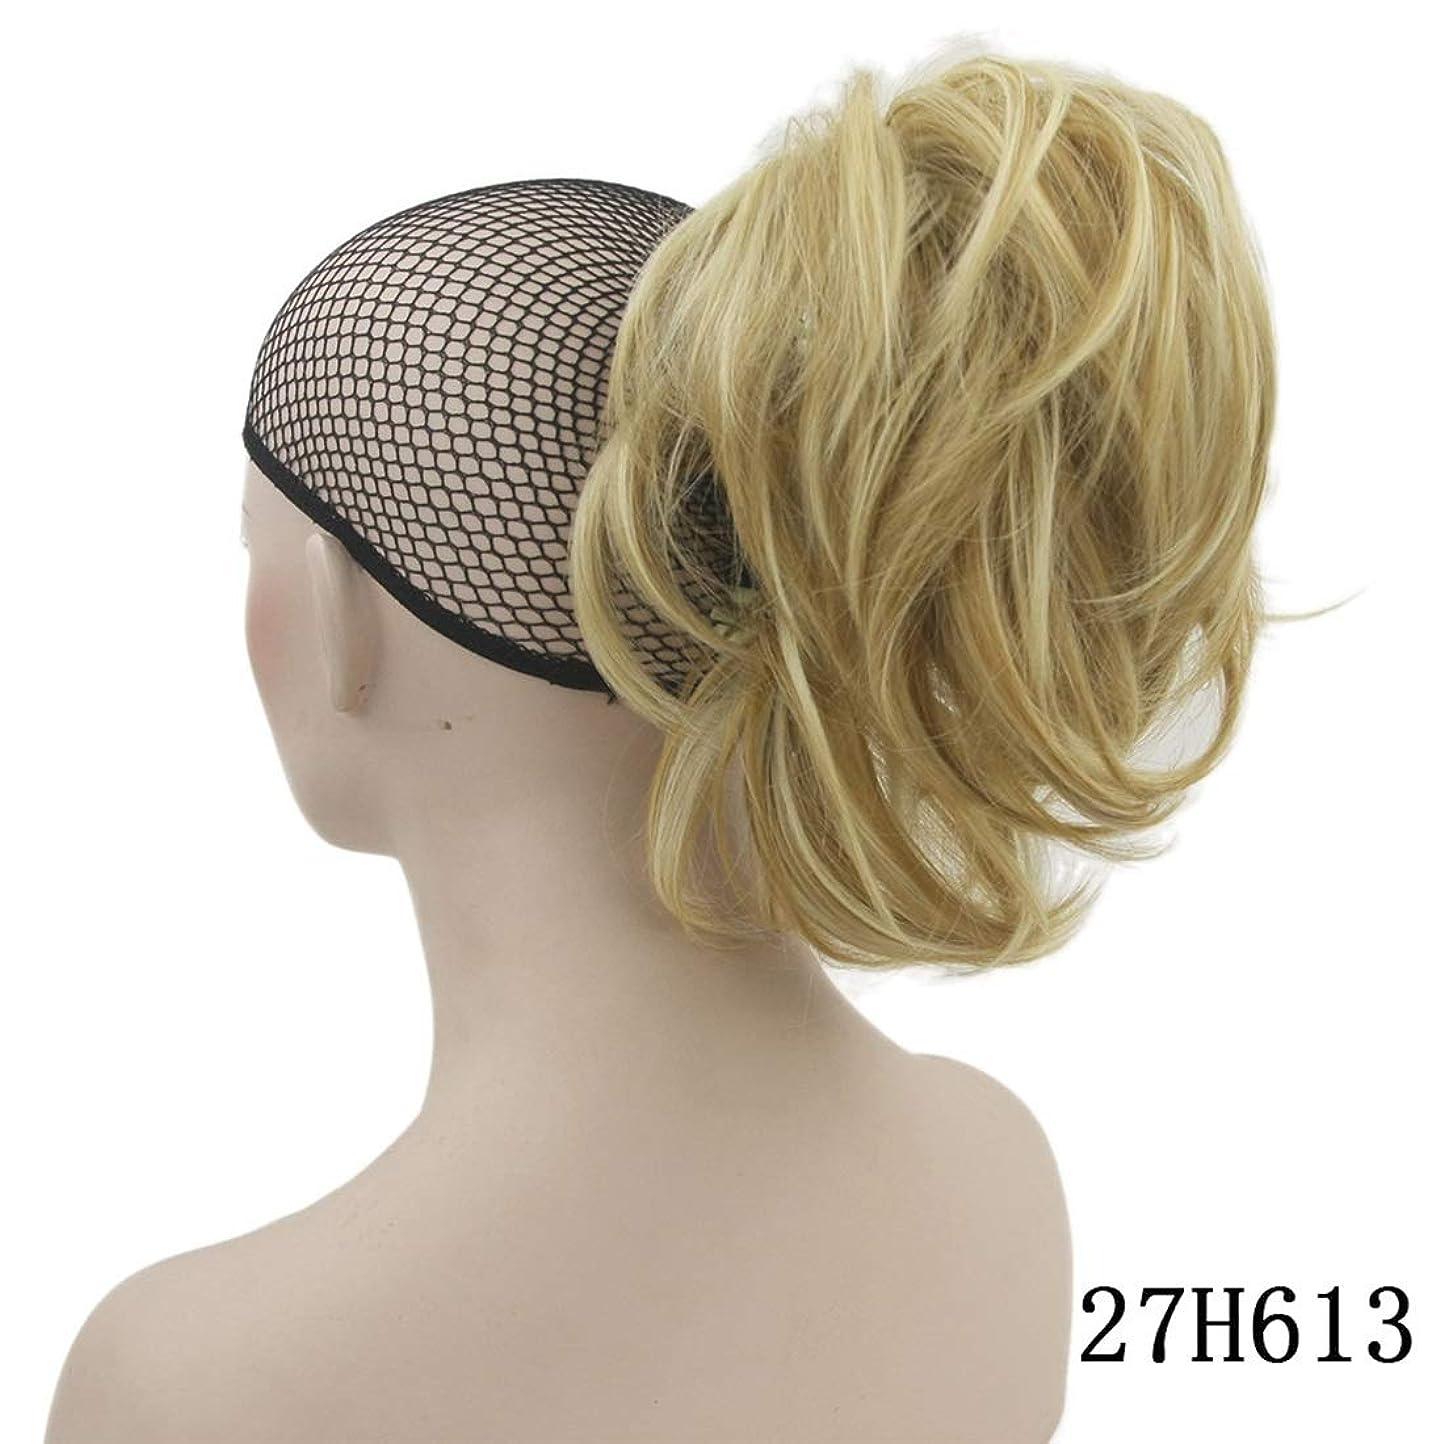 頑張る抑圧する規範Koloeplf レディースカーリーヘアウィッグ、ポニーテールクリップグリップポニーテールショートカーリーヘア、フレキシブルヘアポニーテール (Color : 27H613)